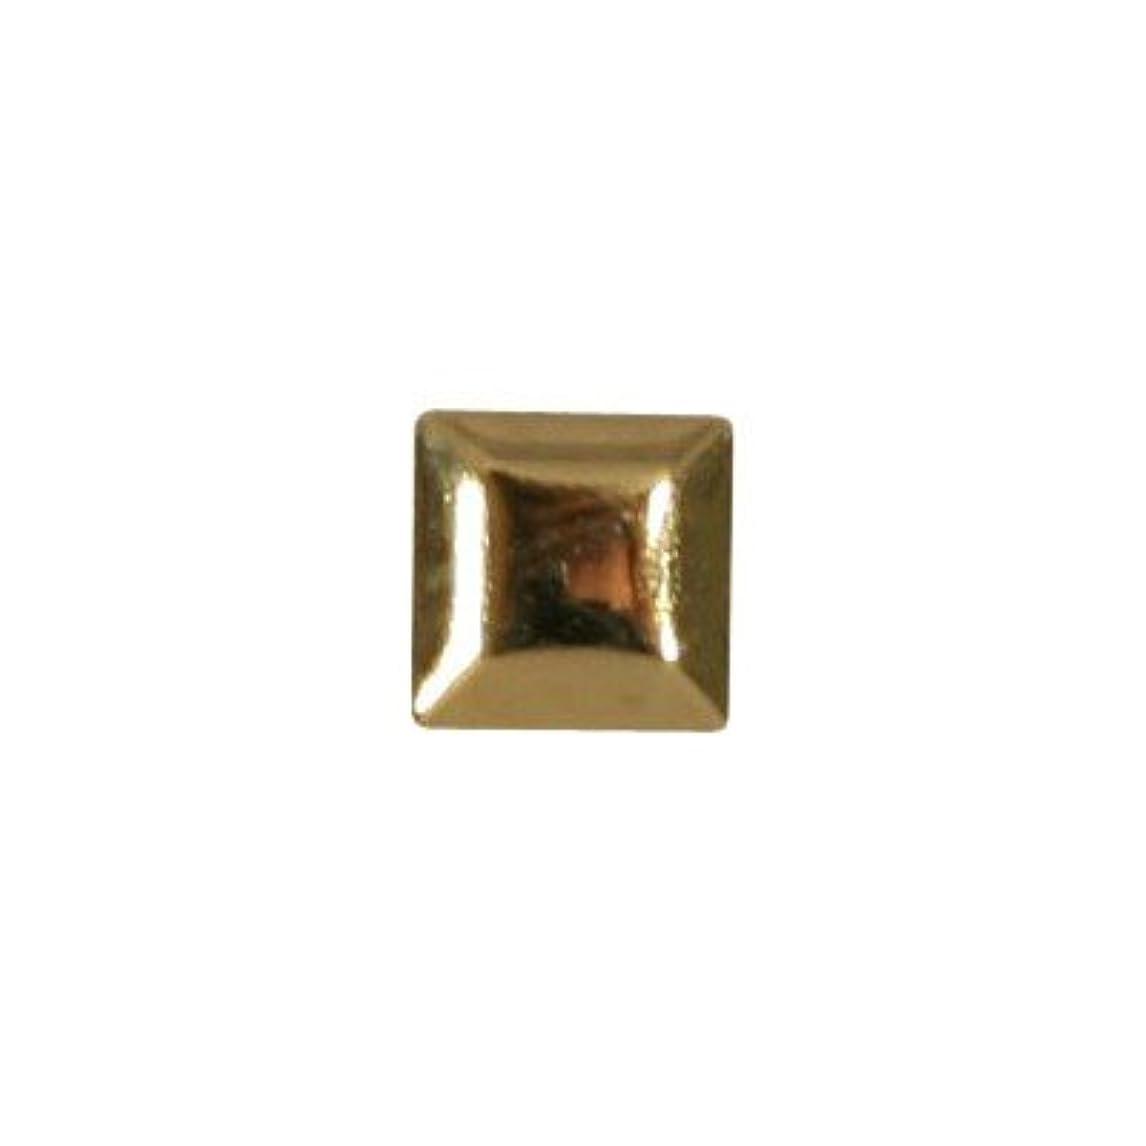 ジャンク頭痛面白いピアドラ スタッズ メタルスクエア 3mm 50P ゴールド